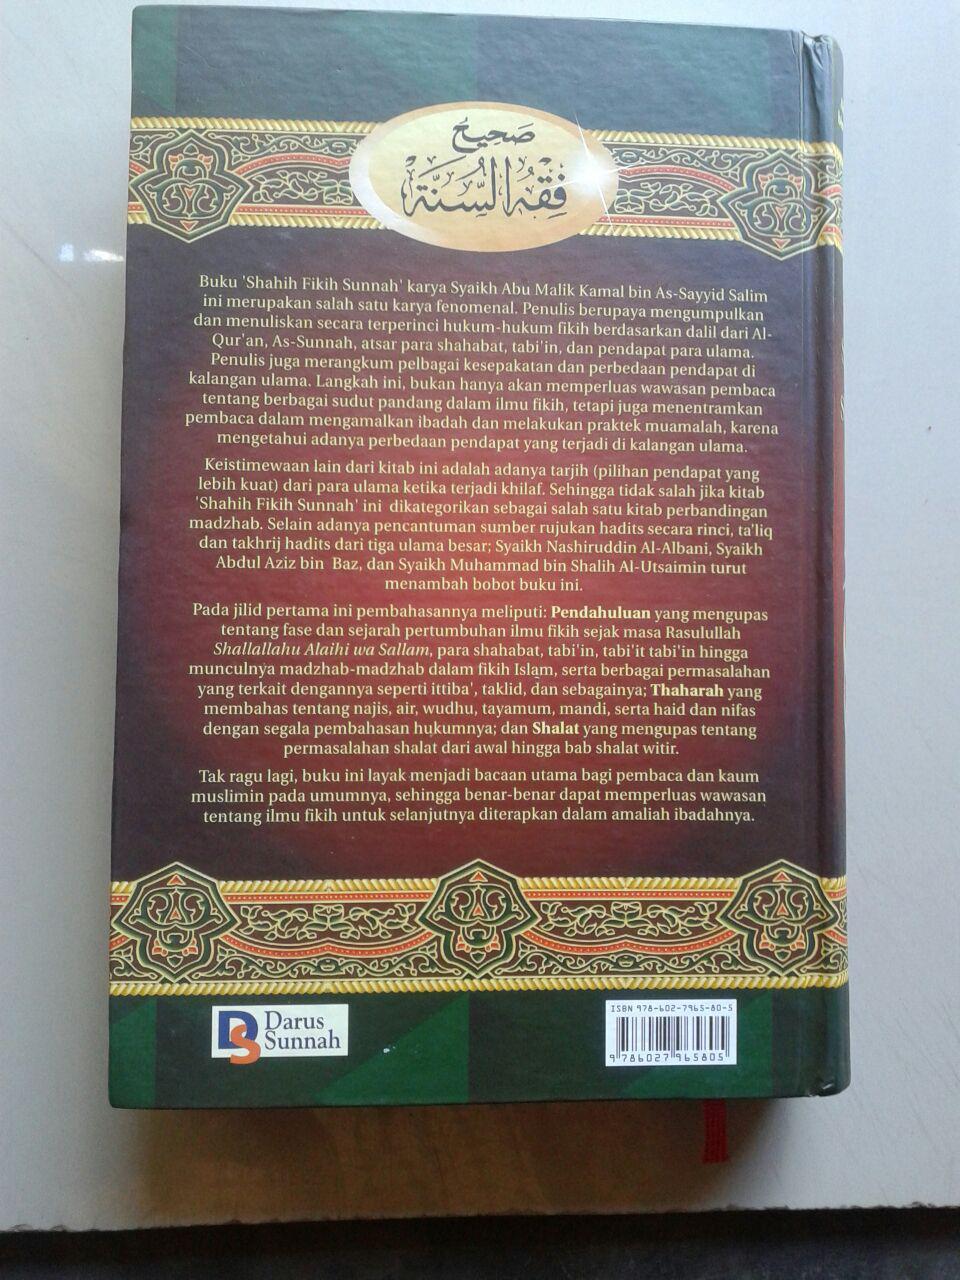 Buku Shahih Fikih Sunnah Penjelasan Fikih Berdasarkan Quran Dan Sunnah